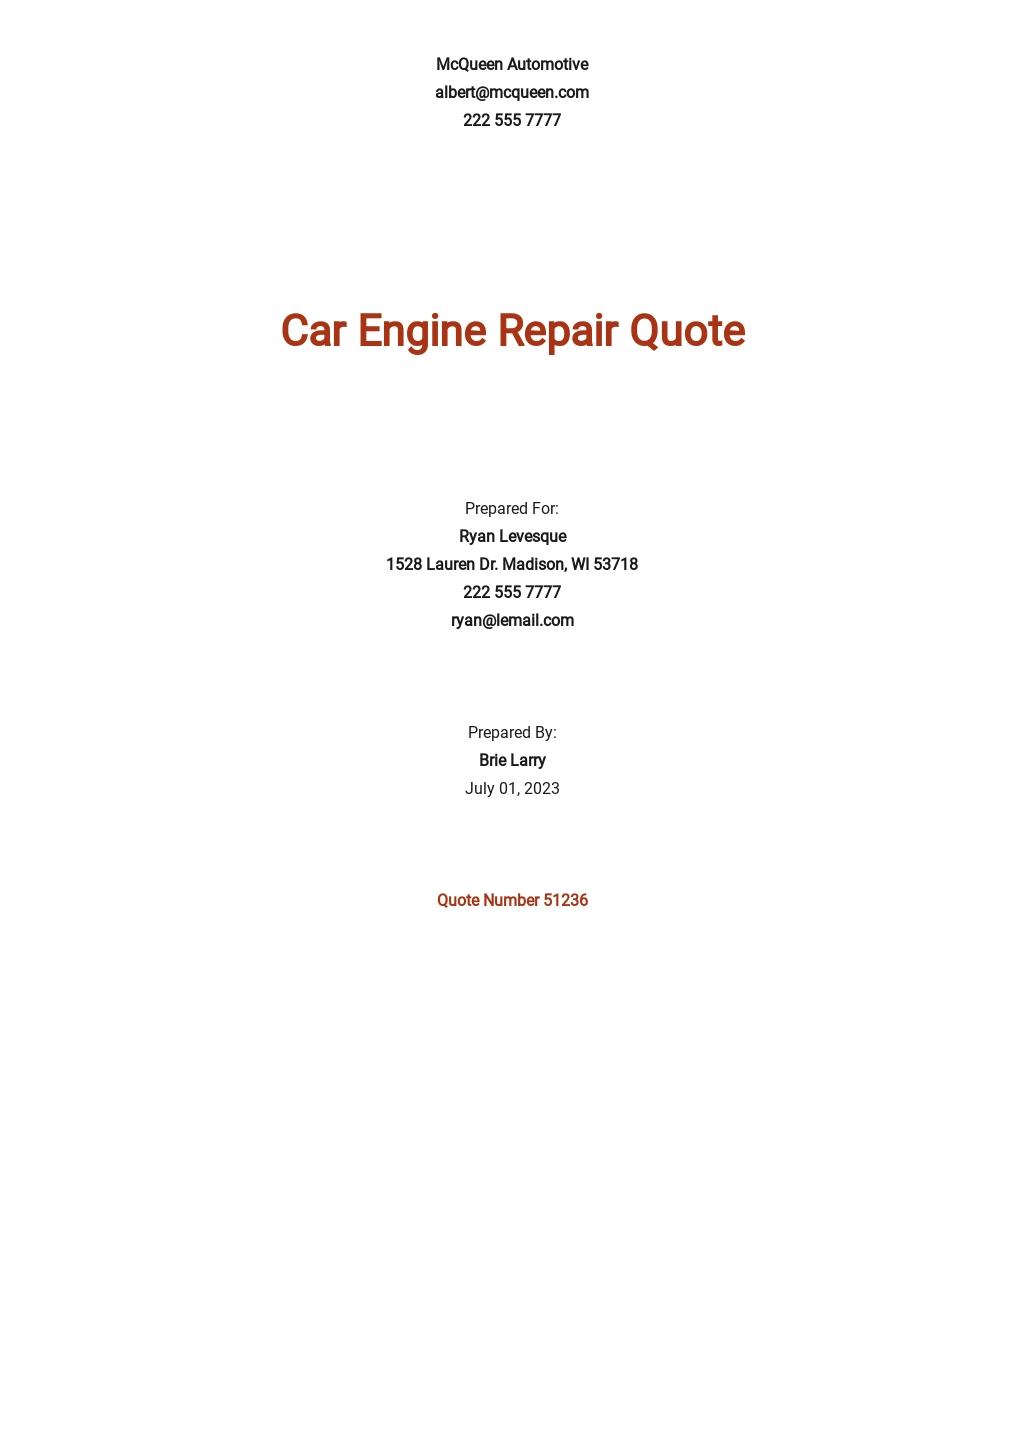 Car Repair Quotation Template